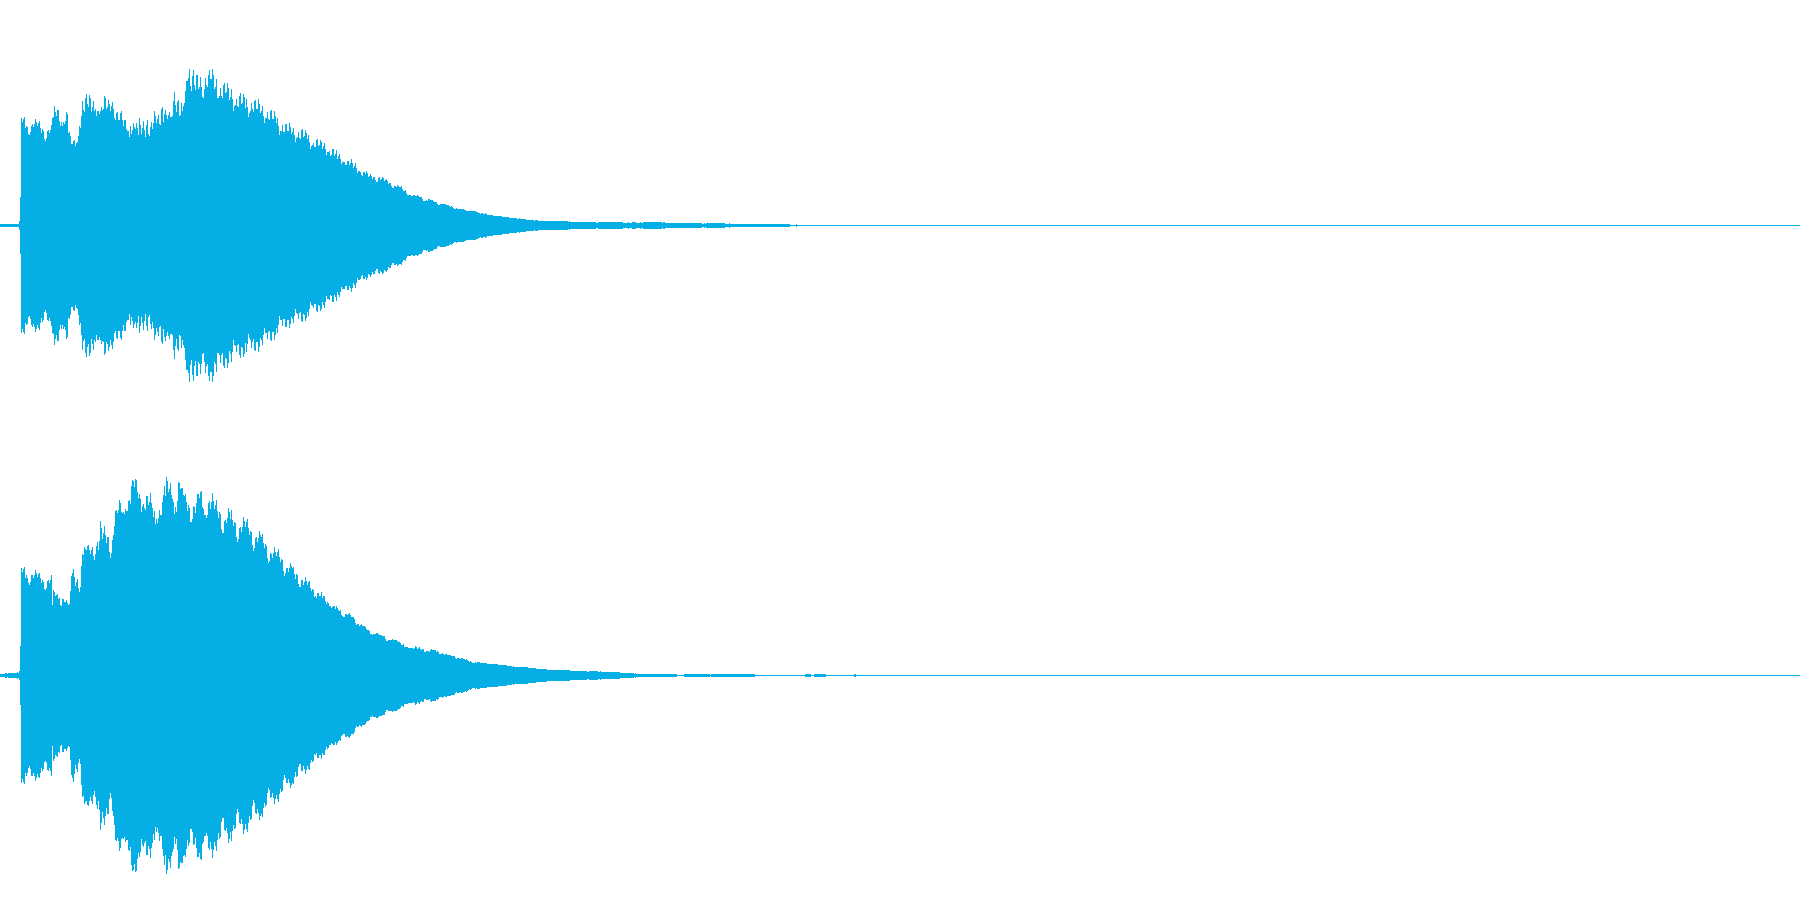 ピ!8bit系の決定/ボタン/クリック5の再生済みの波形